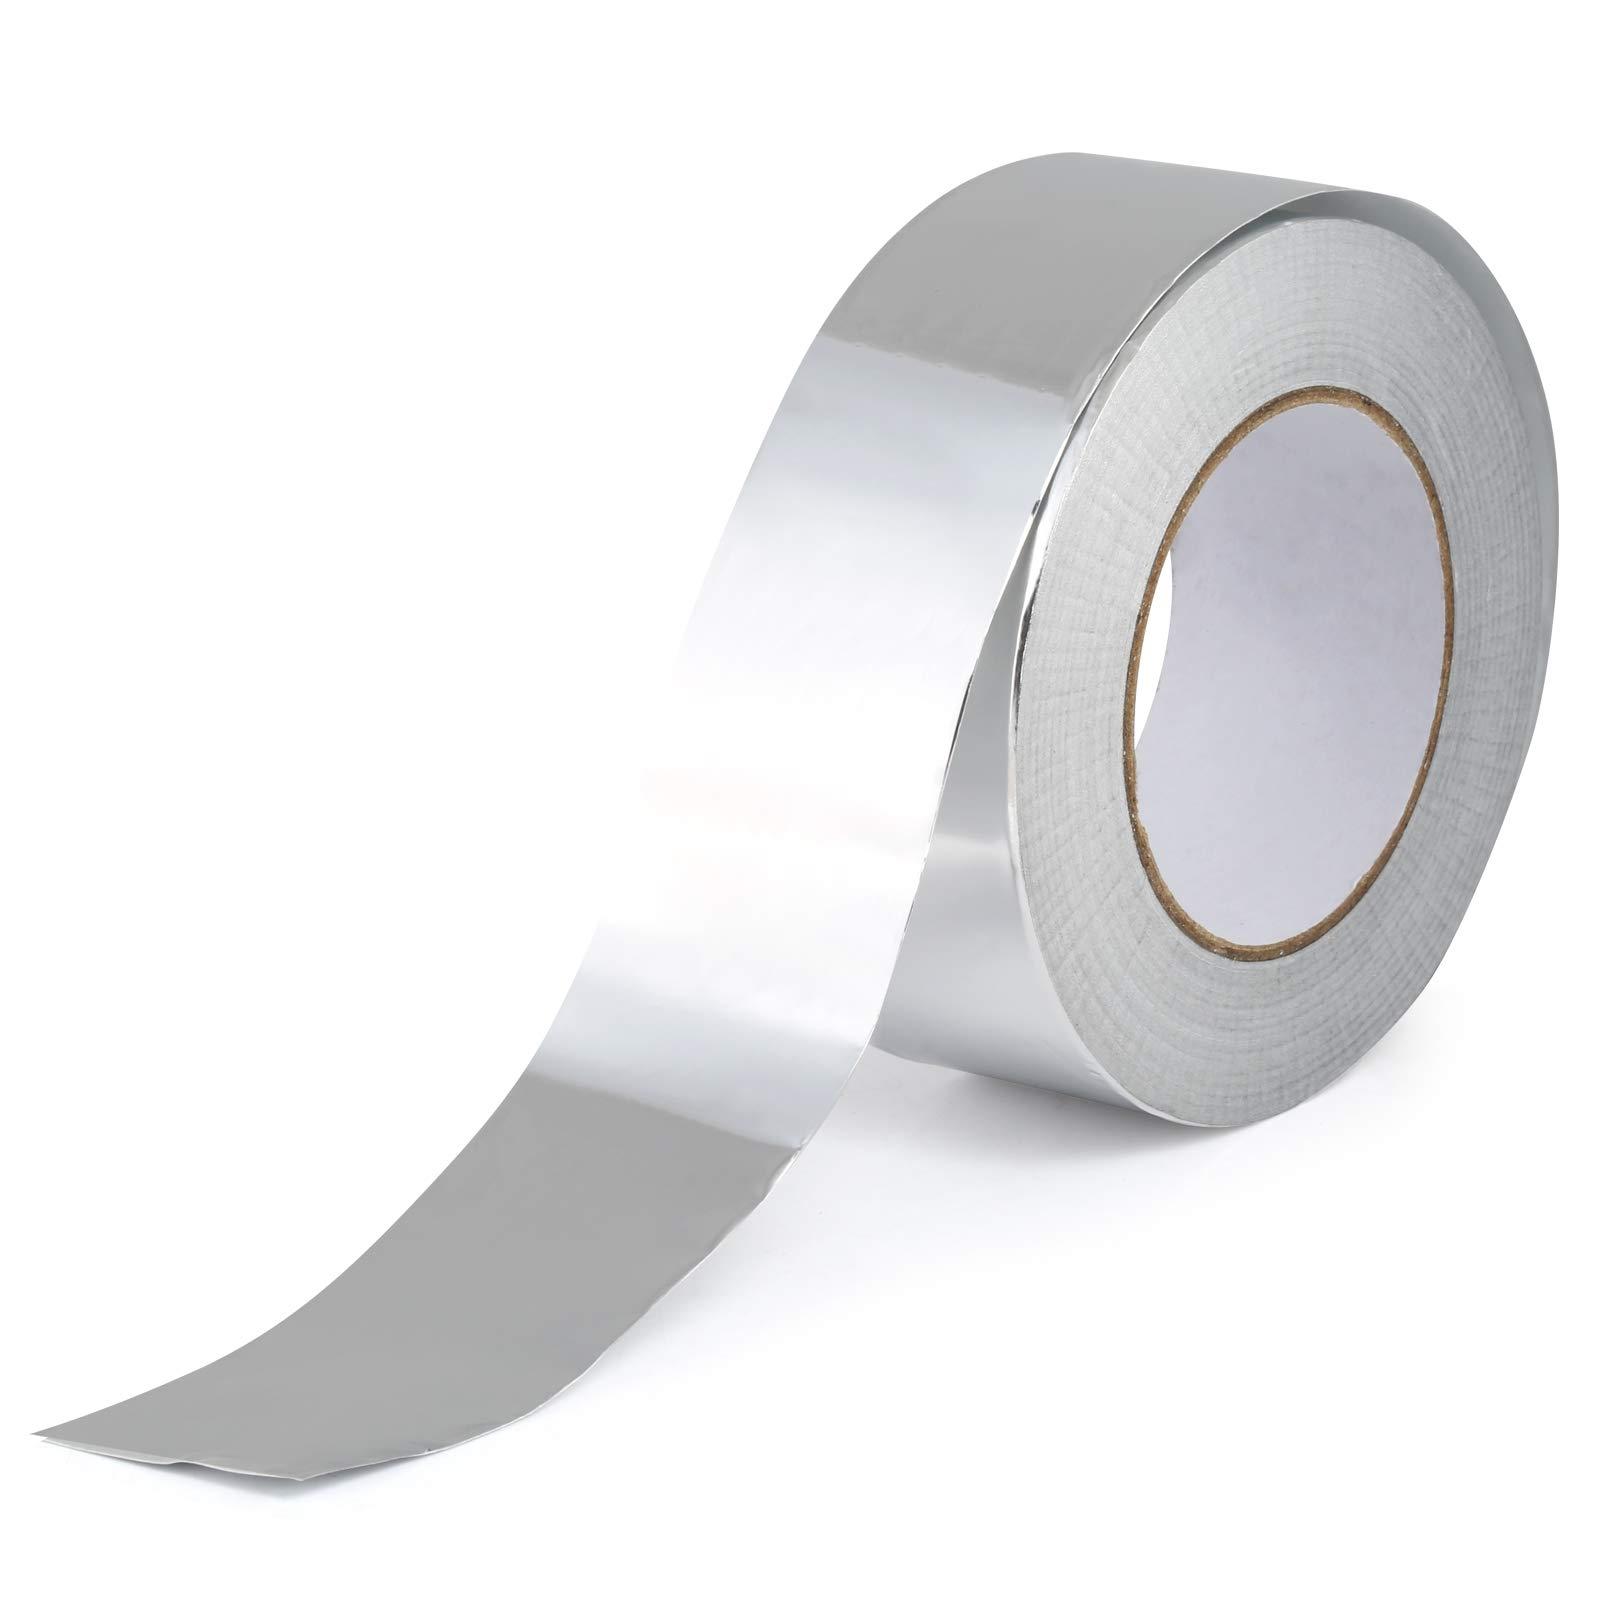 GWHOLE Cinta Adhesiva de Aluminio, Cinta Conductora de Aluminio Resistentes a Alta Temperatura para Reparación de HVAC, Ductos, Aislamientos, Secadores, y manualidades, Rollo 50mm x 50m